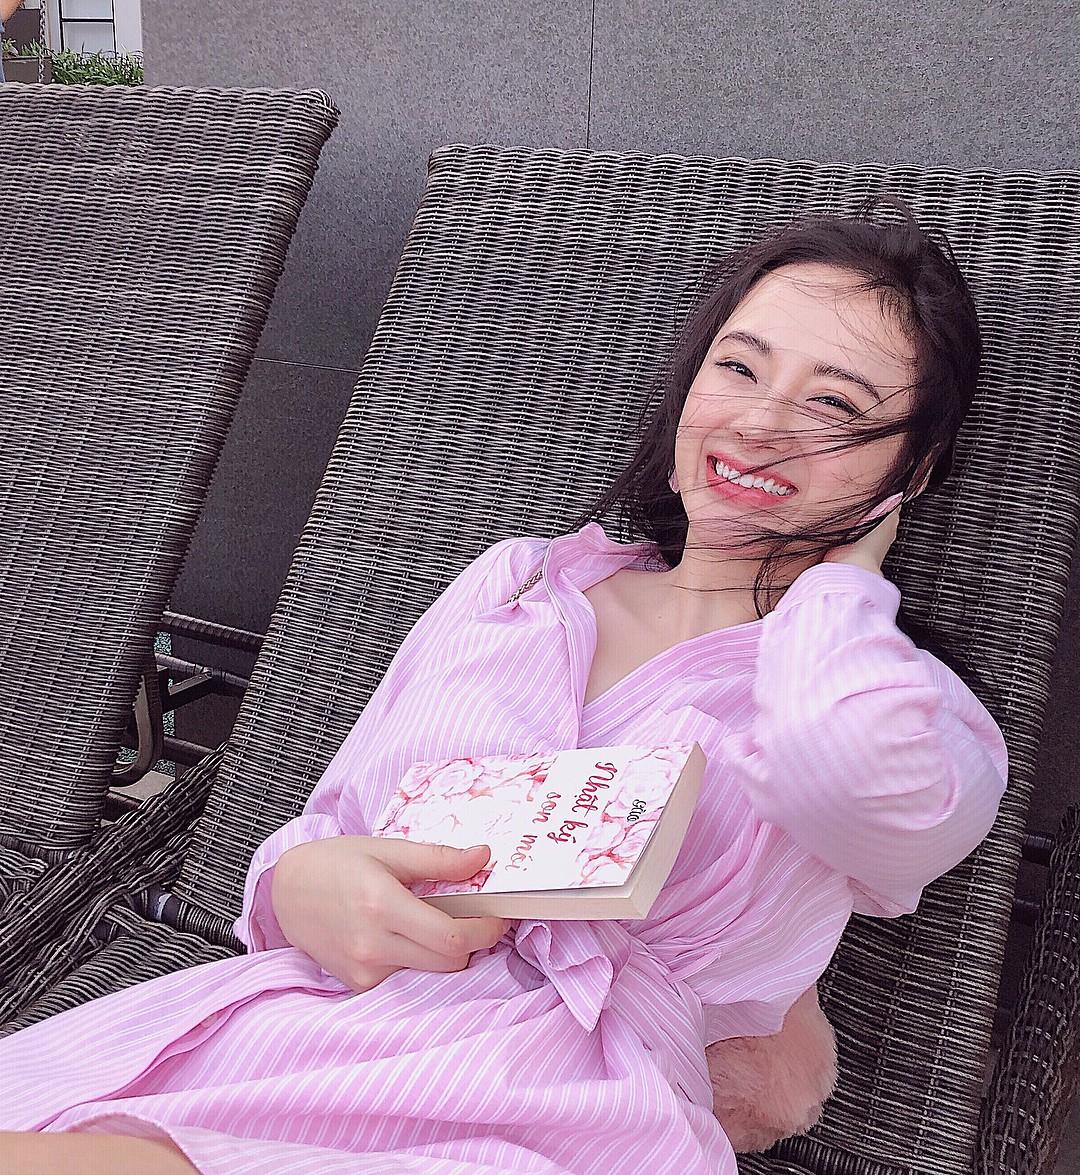 Bớt khoe thân và mặc váy gọn gàng lại thế này, Angela Phương Trinh có phải là xinh hơn nhiều không? - Ảnh 2.